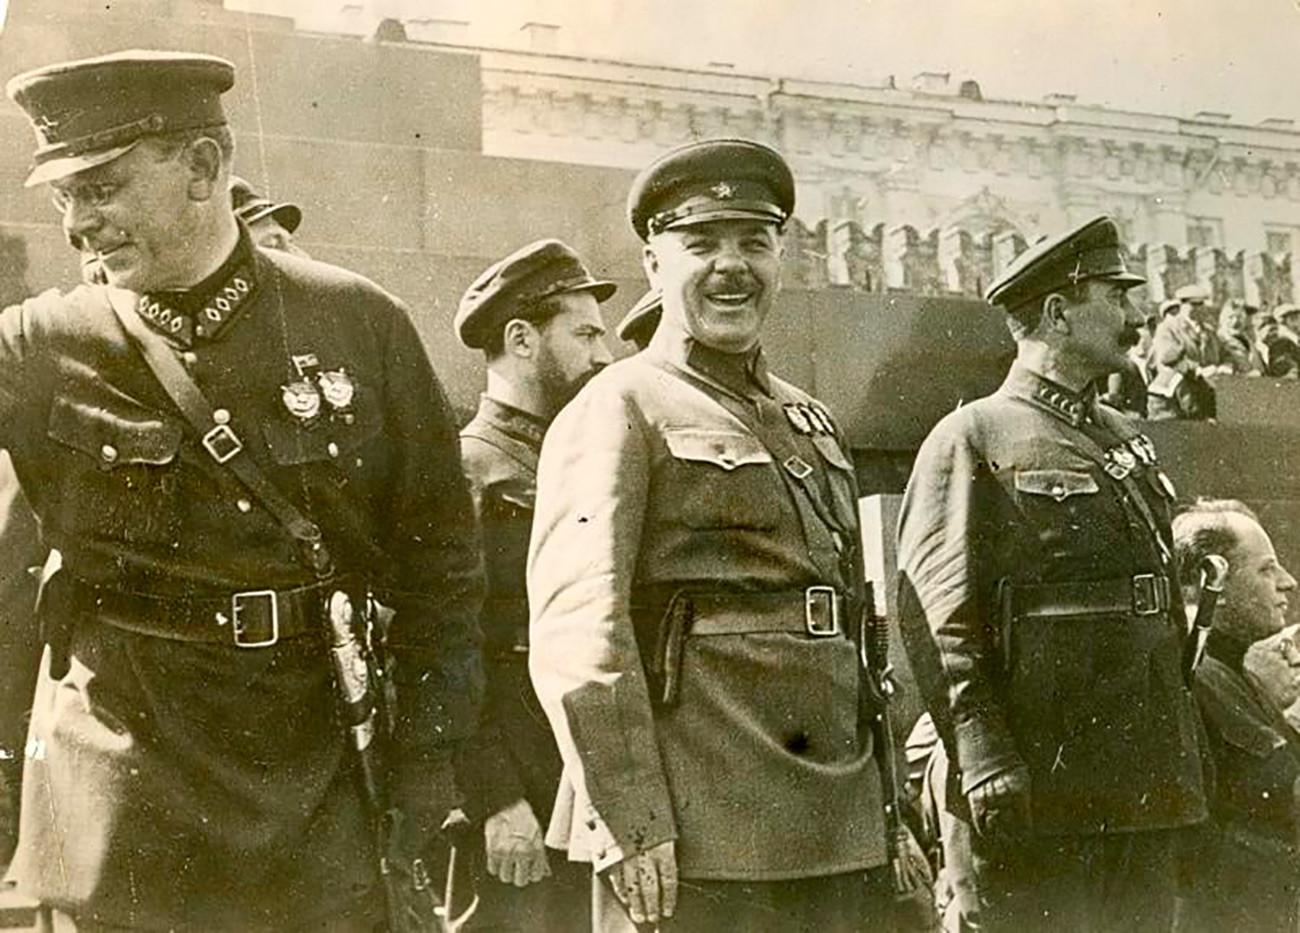 Comandantes do Exército Vermelho: August Cork, Jan Gamarnik, Clement Voroshílov, Budyonny Semion ao lado do Mausoléu de Lenin